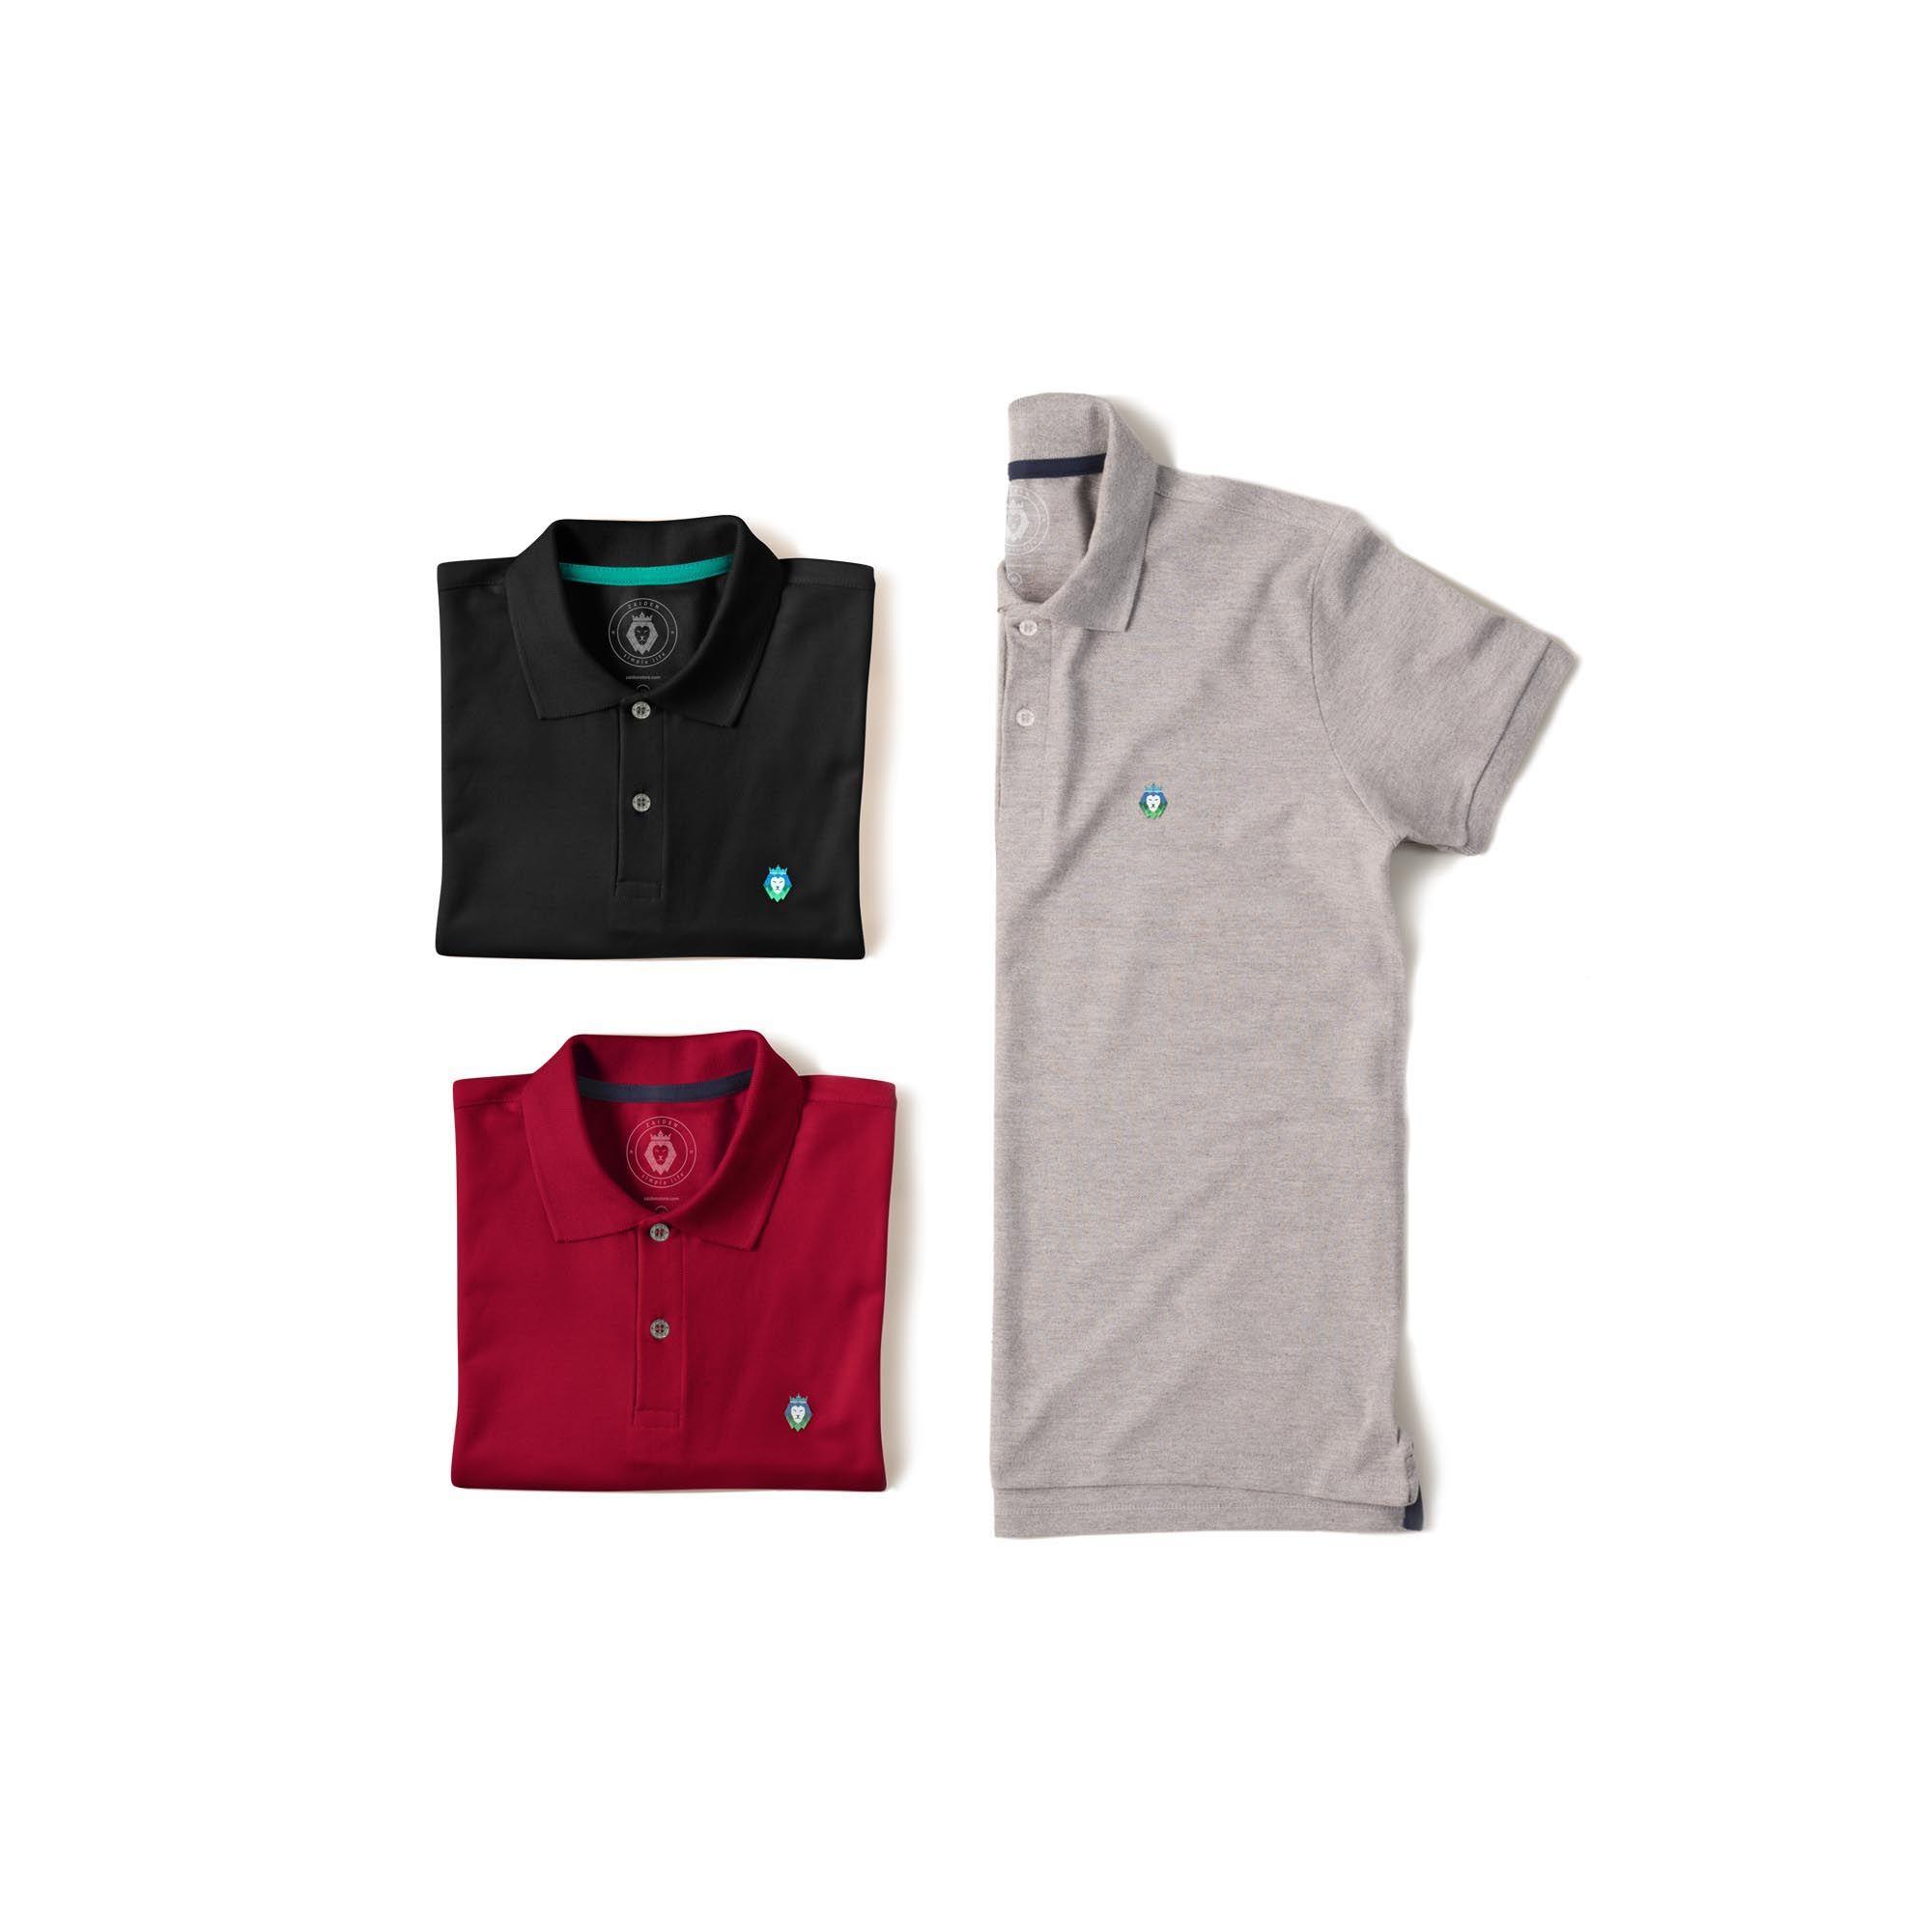 Kit 3 Camisas Polo Style Zaiden Preta Bordô Mescla Masculina